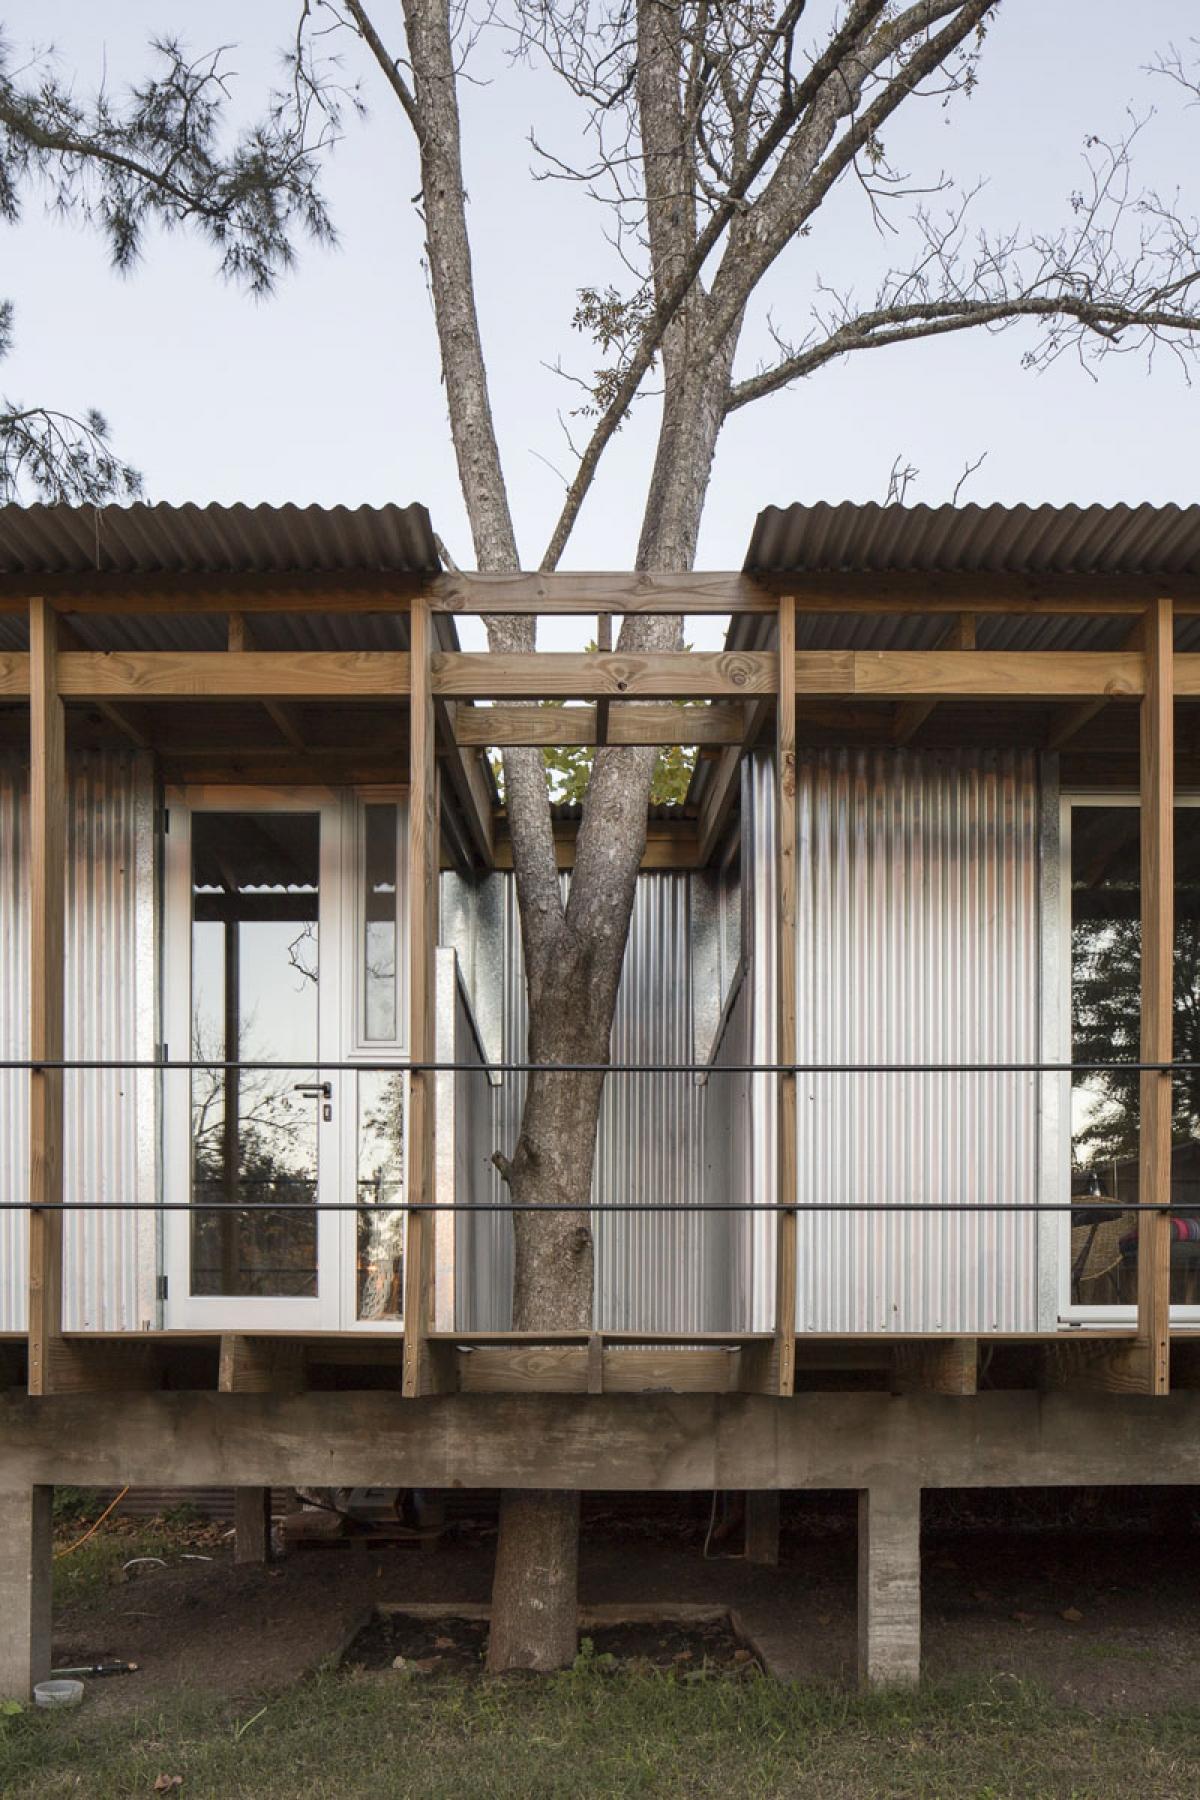 Tối ưu hóa diện tích đất và cây xanh, đây chính là lý do khiến cây xanh được len lỏi vào chính cấu trúc căn nhà.